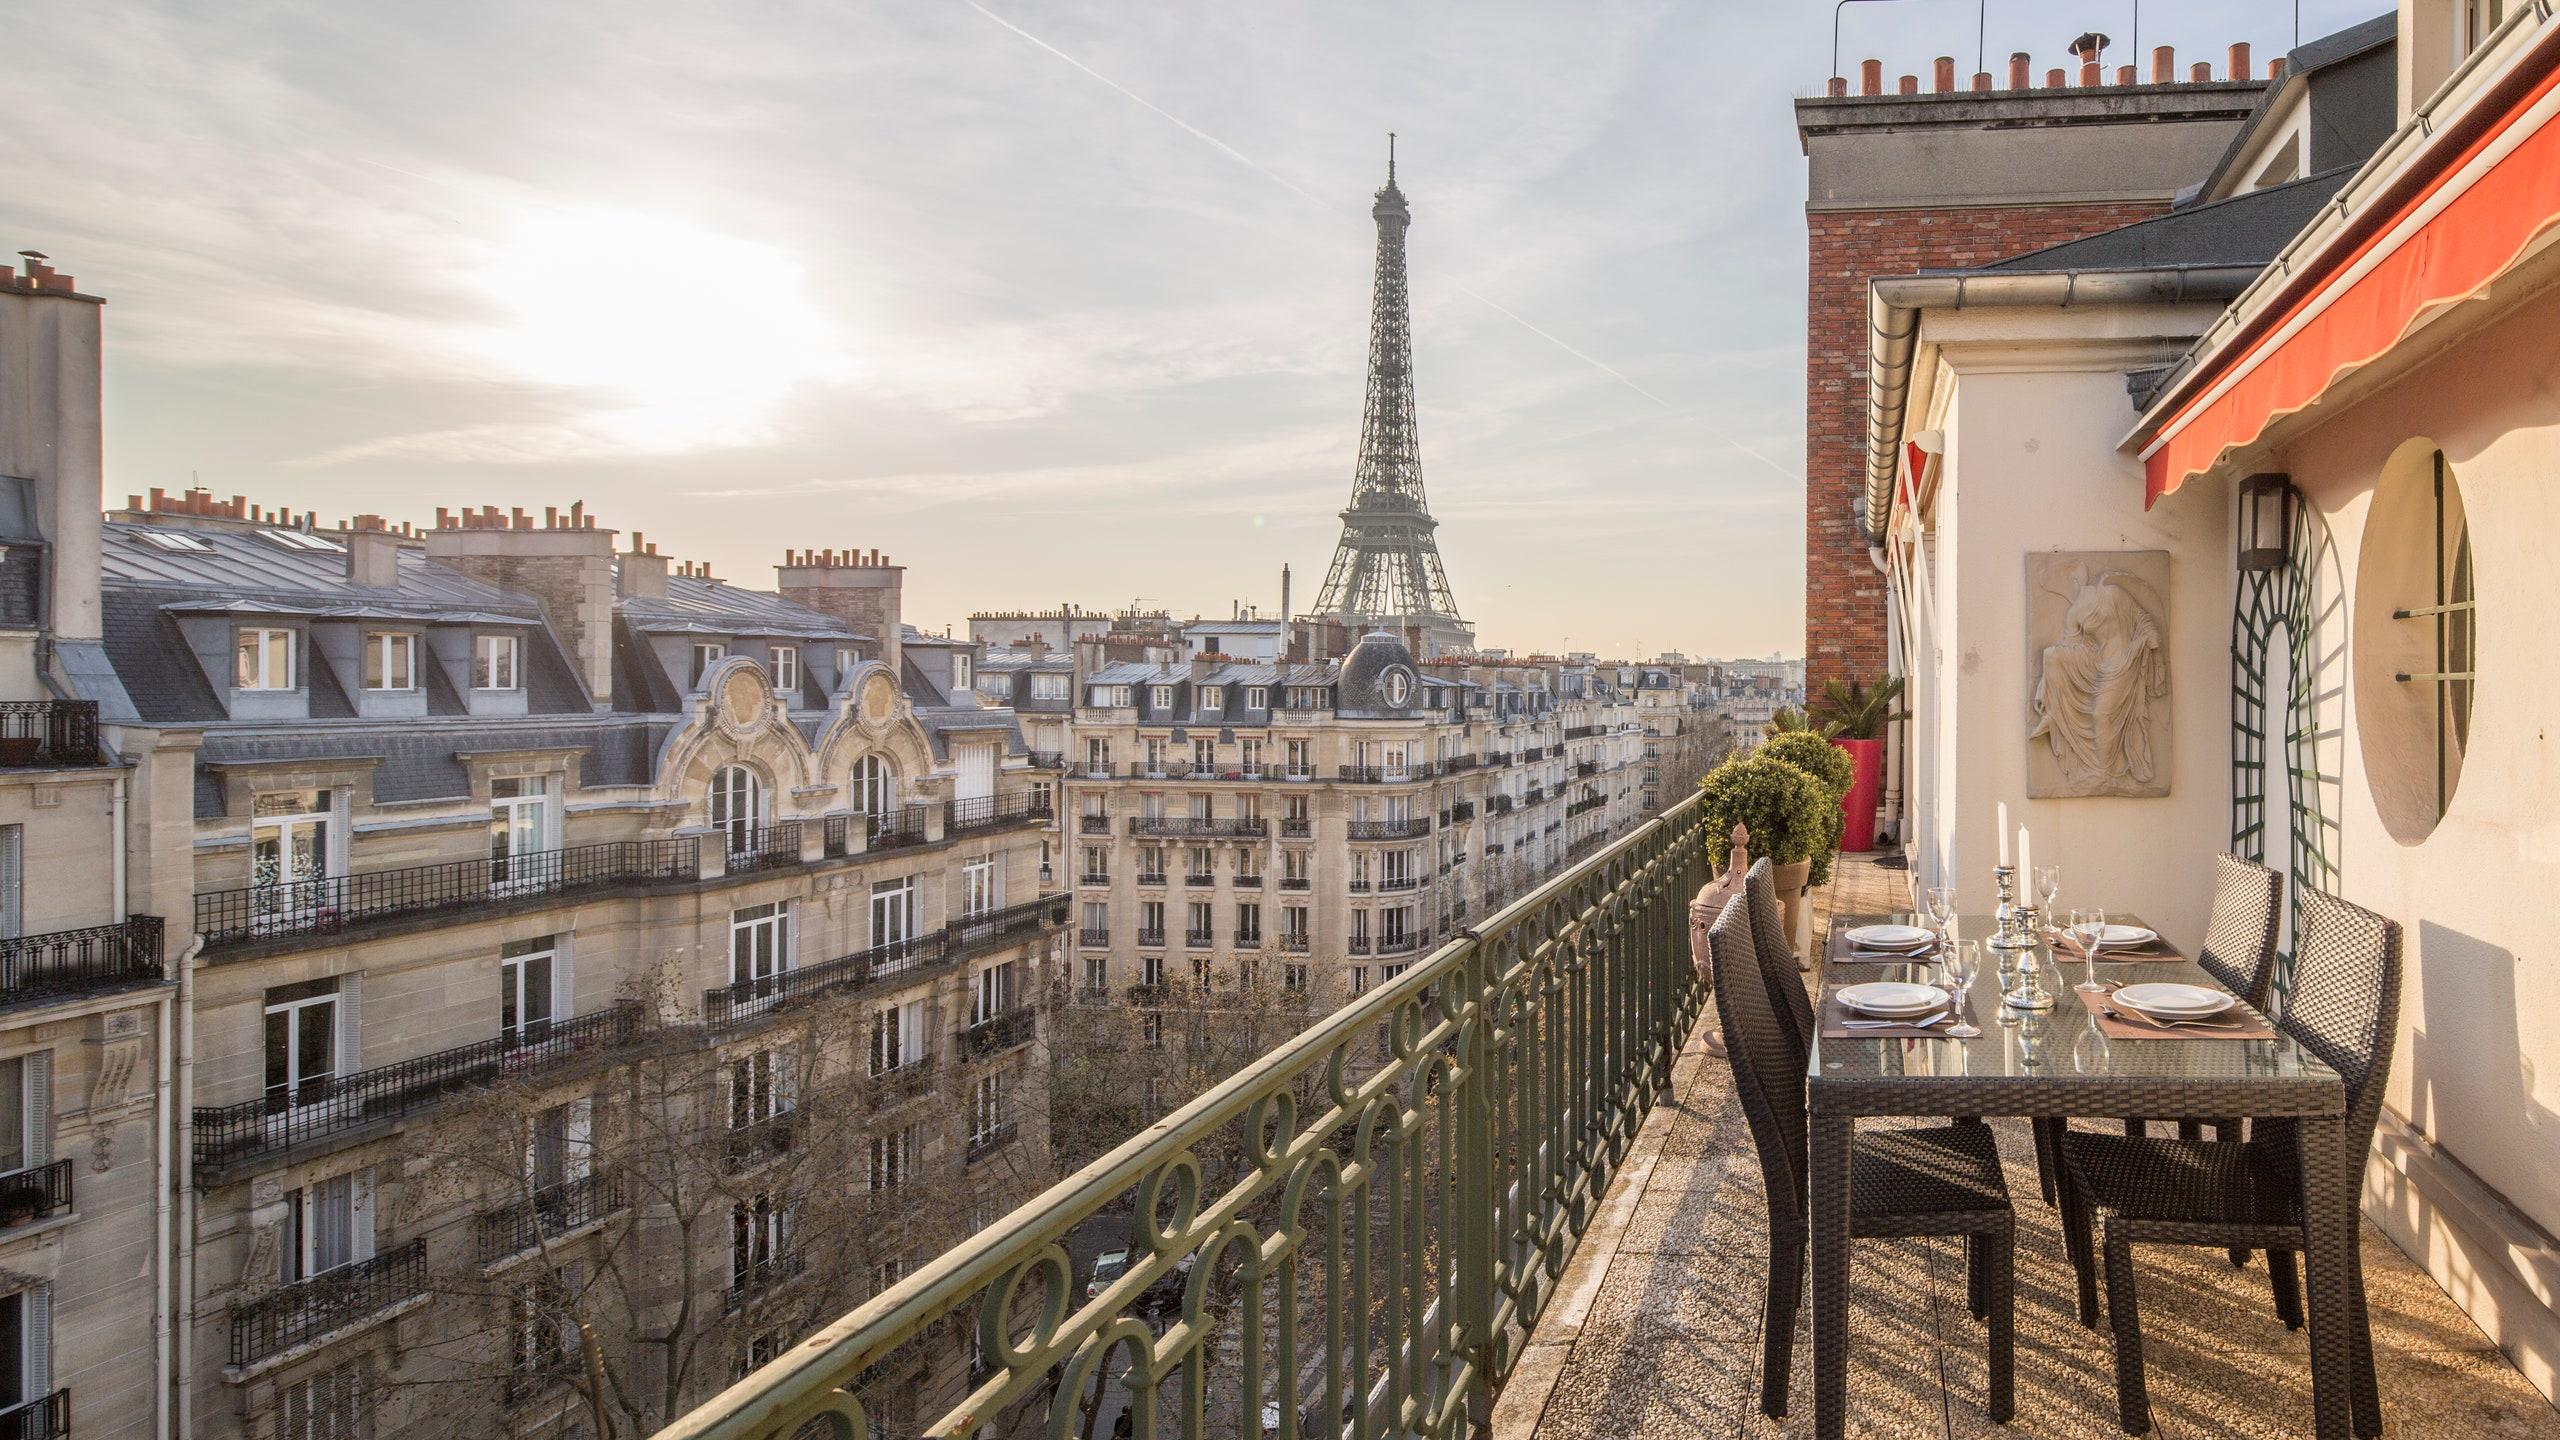 パリの建物とエッフェル塔